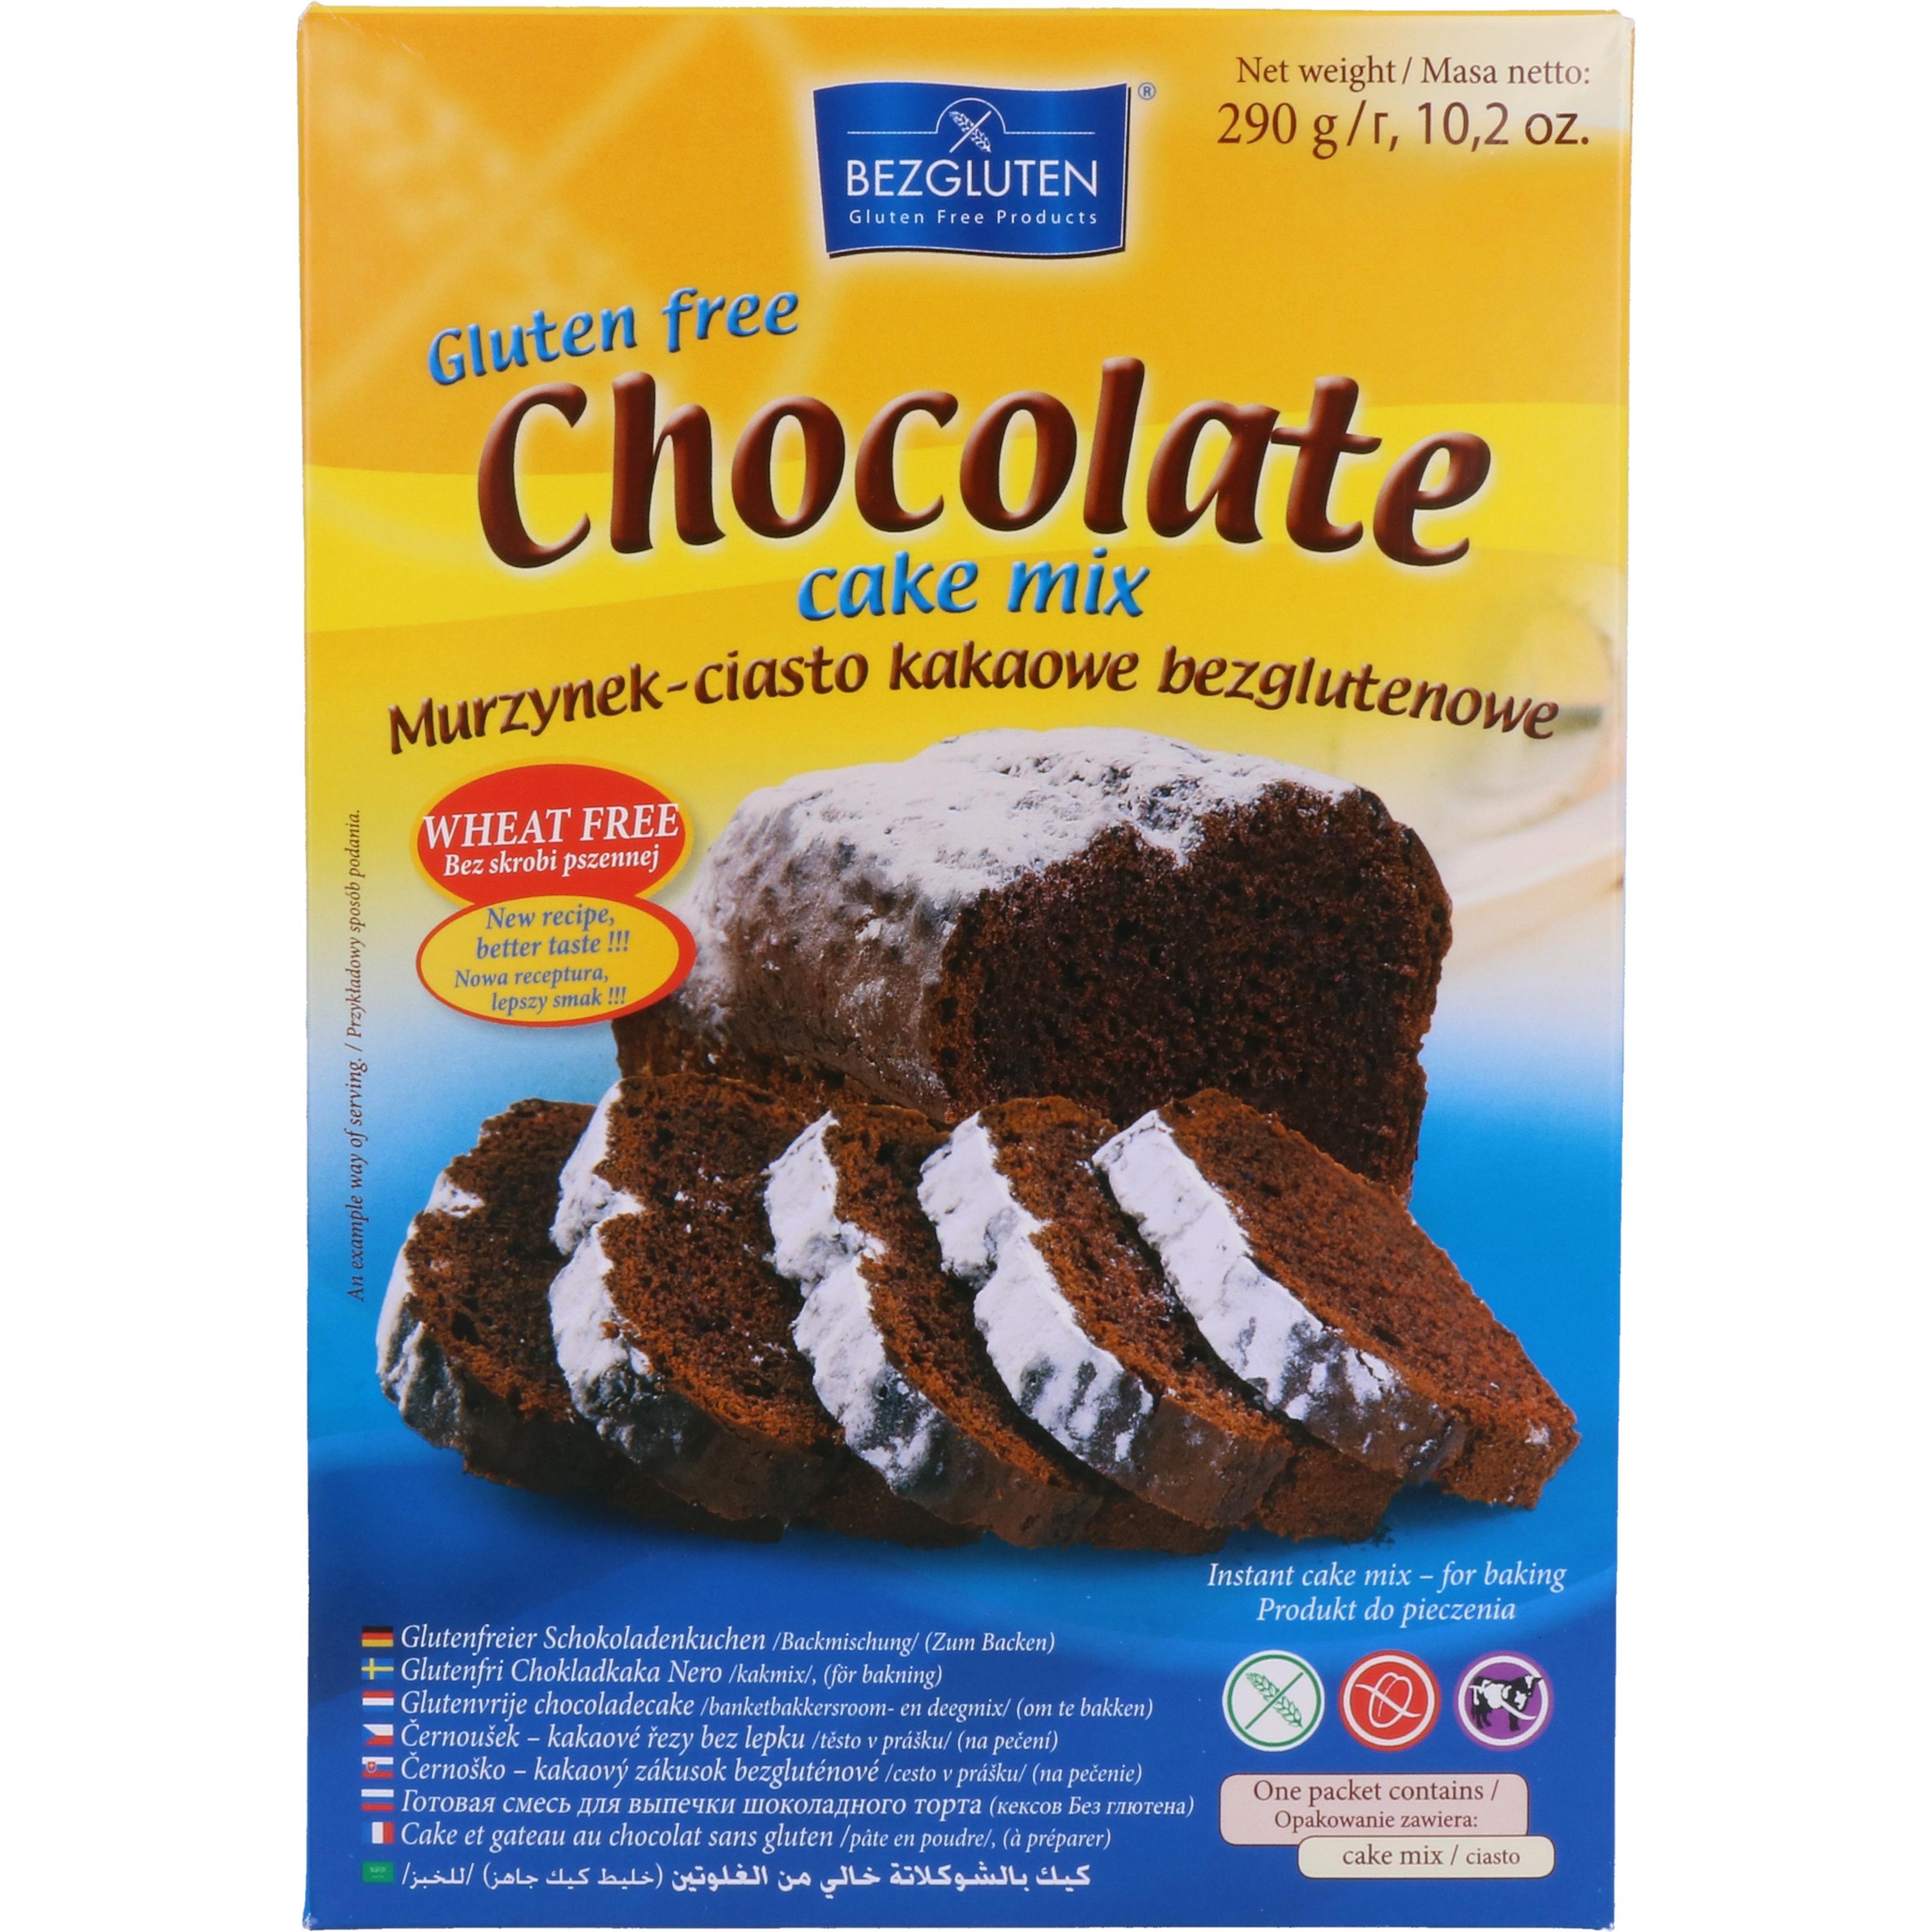 Bezgluten Glutenfreier Schokoladenkuchen Chocolate cake mix 290g